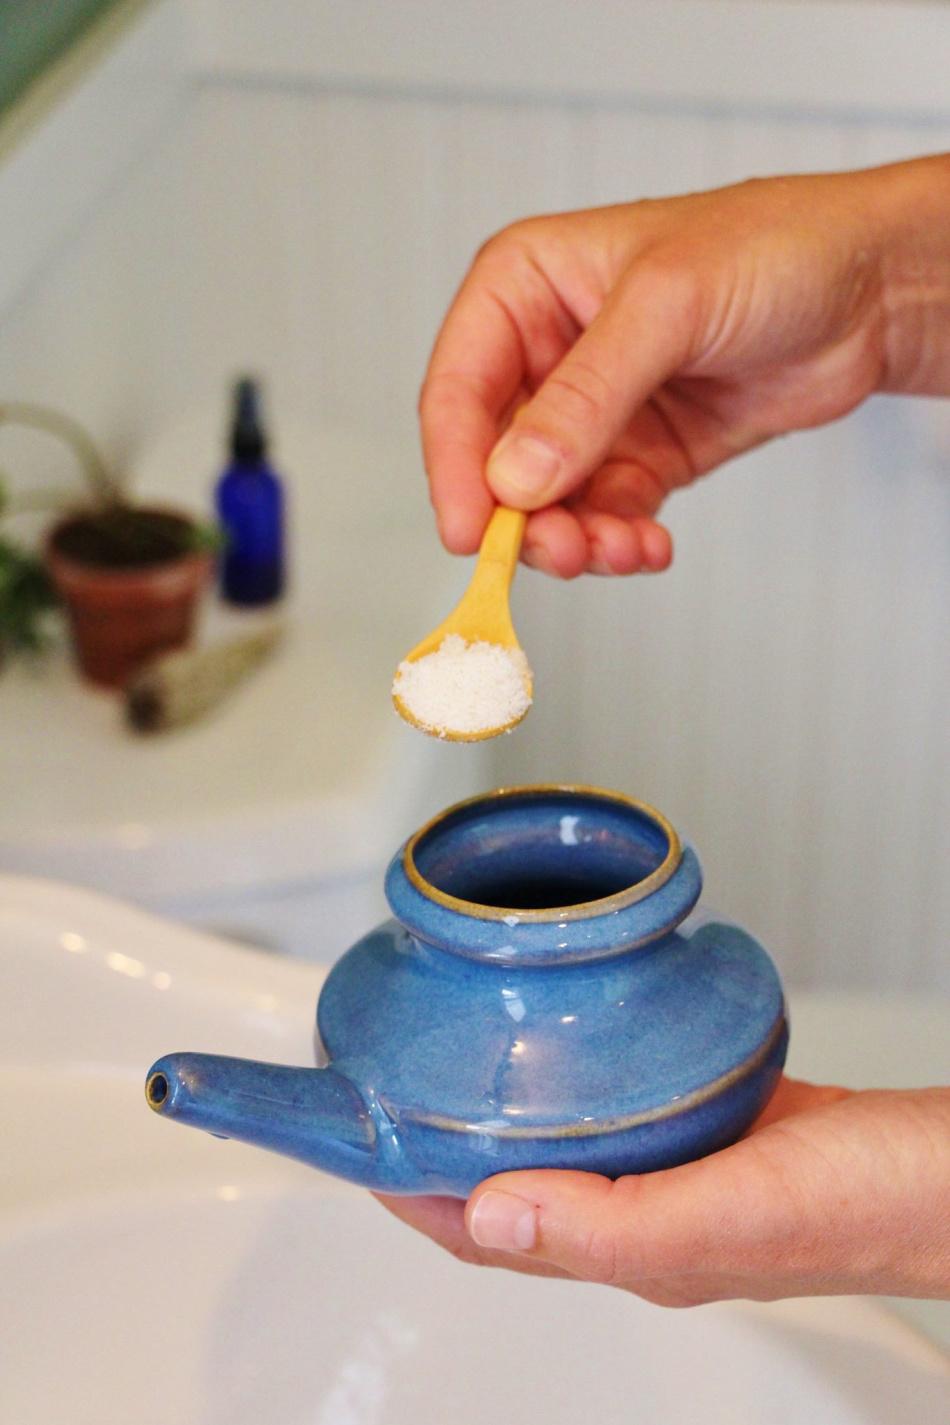 salt into Baraka Neti pot